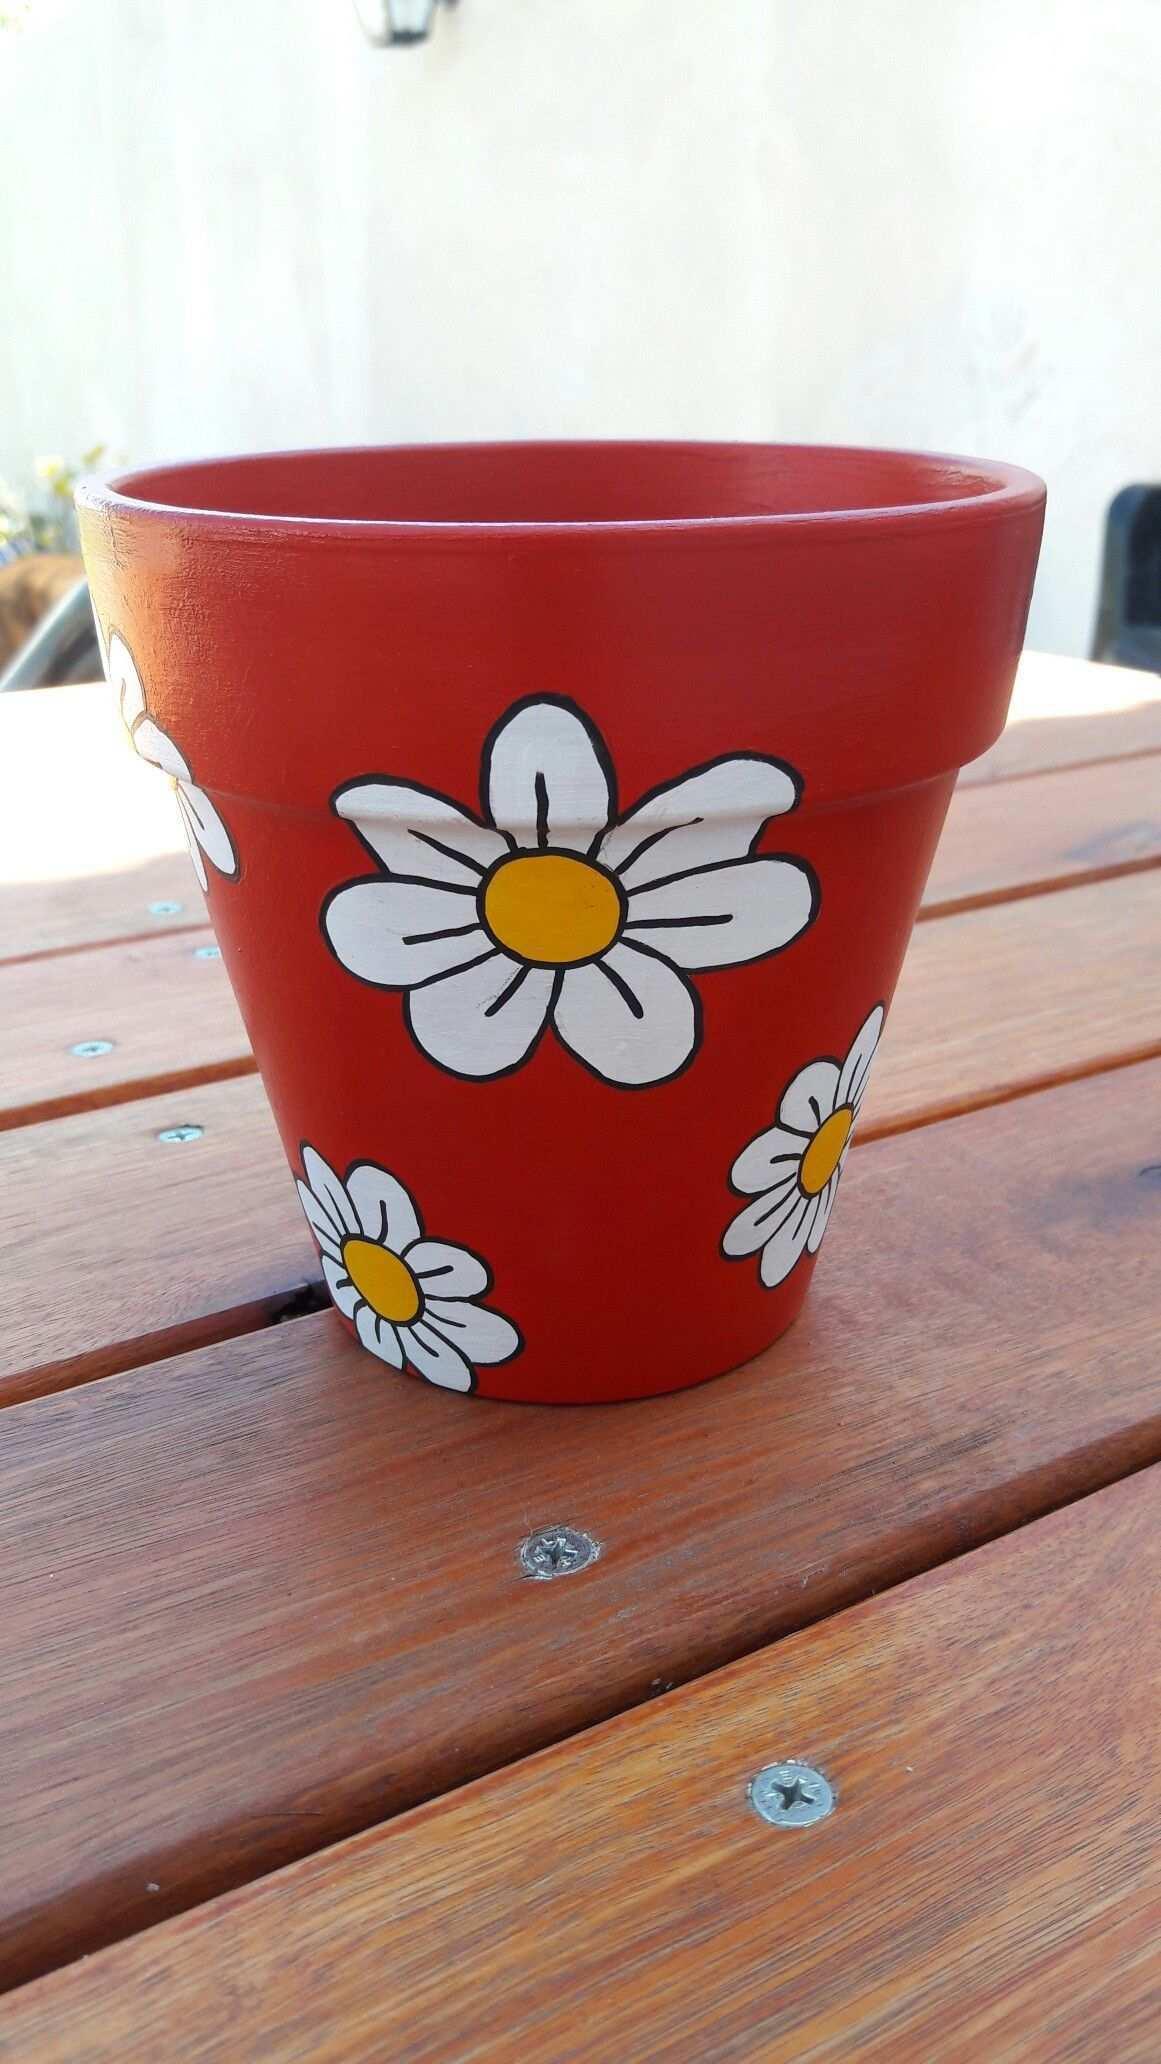 Pin Von Albis Auf Blumentopf In 2020 Dekorierte Blumentopfe Blumentopf Design Topfblumen